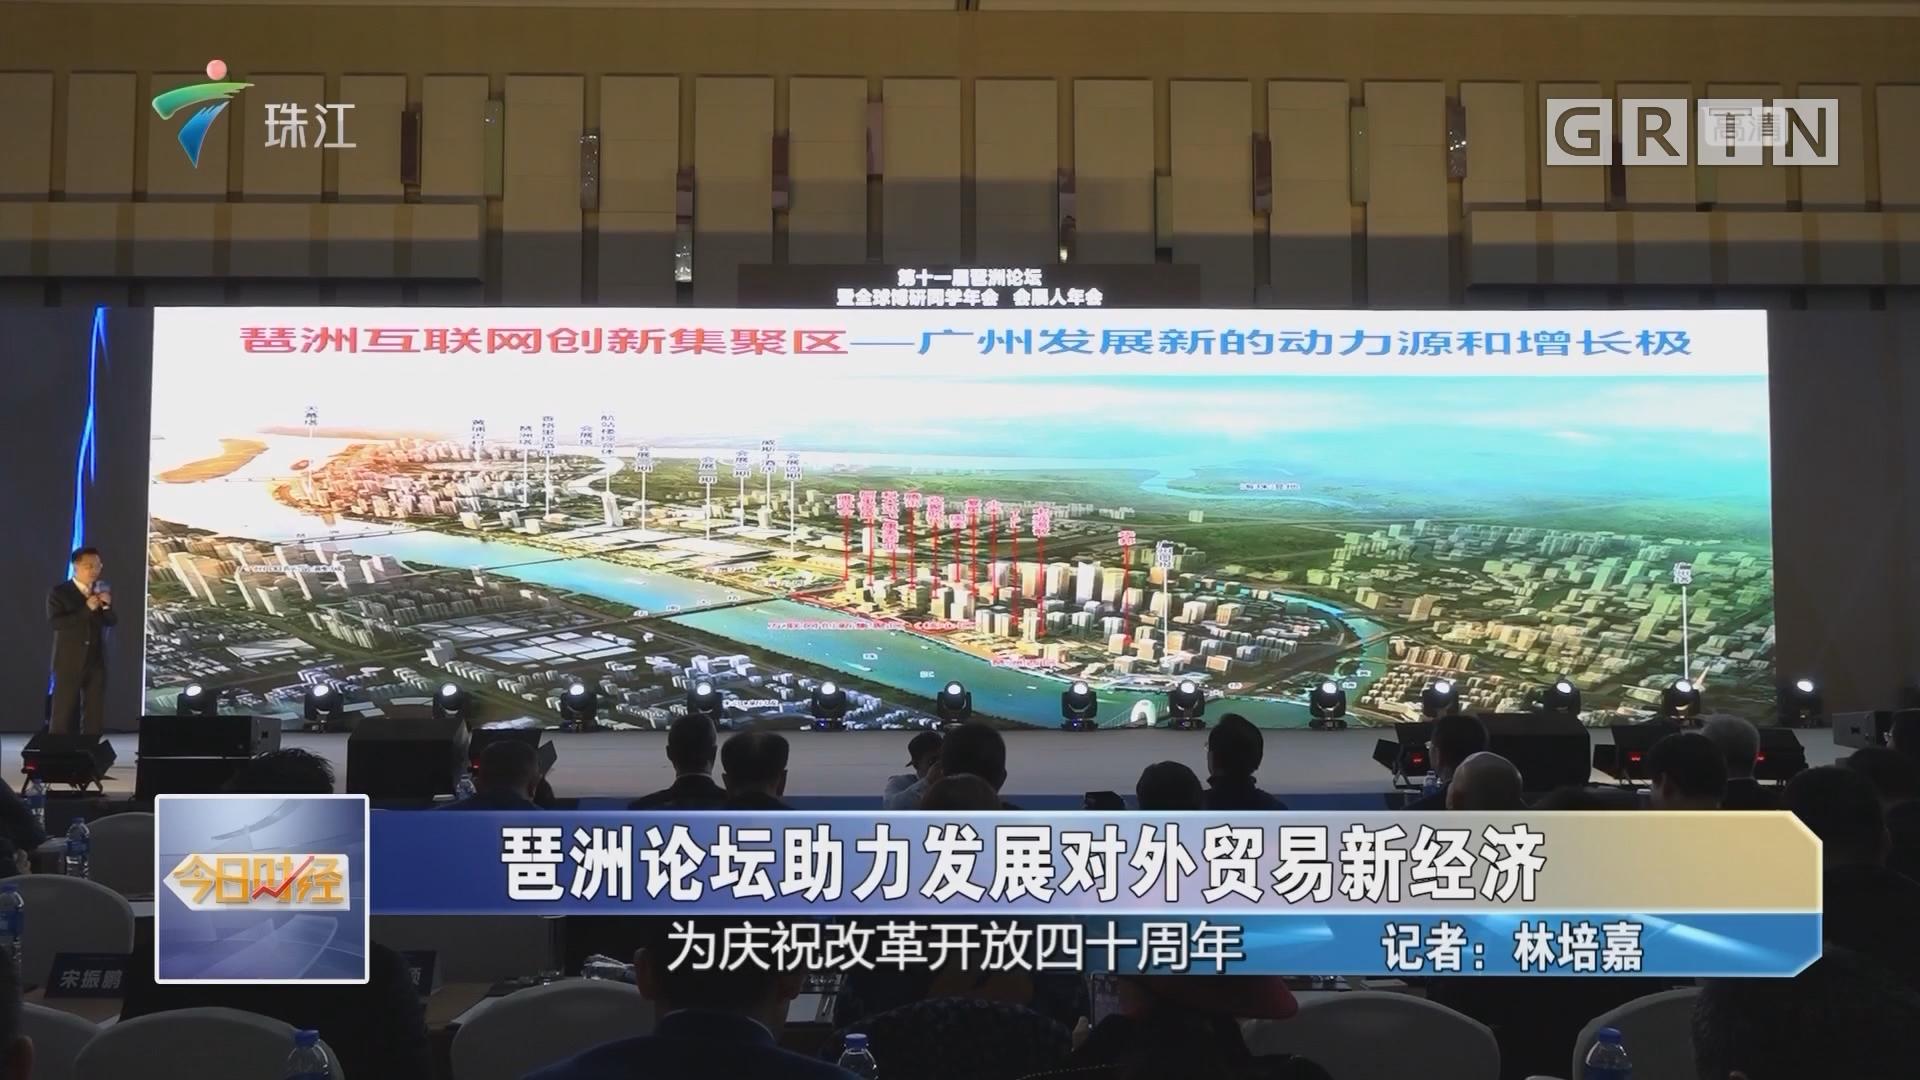 琶洲论坛助力发展对外贸易新经济